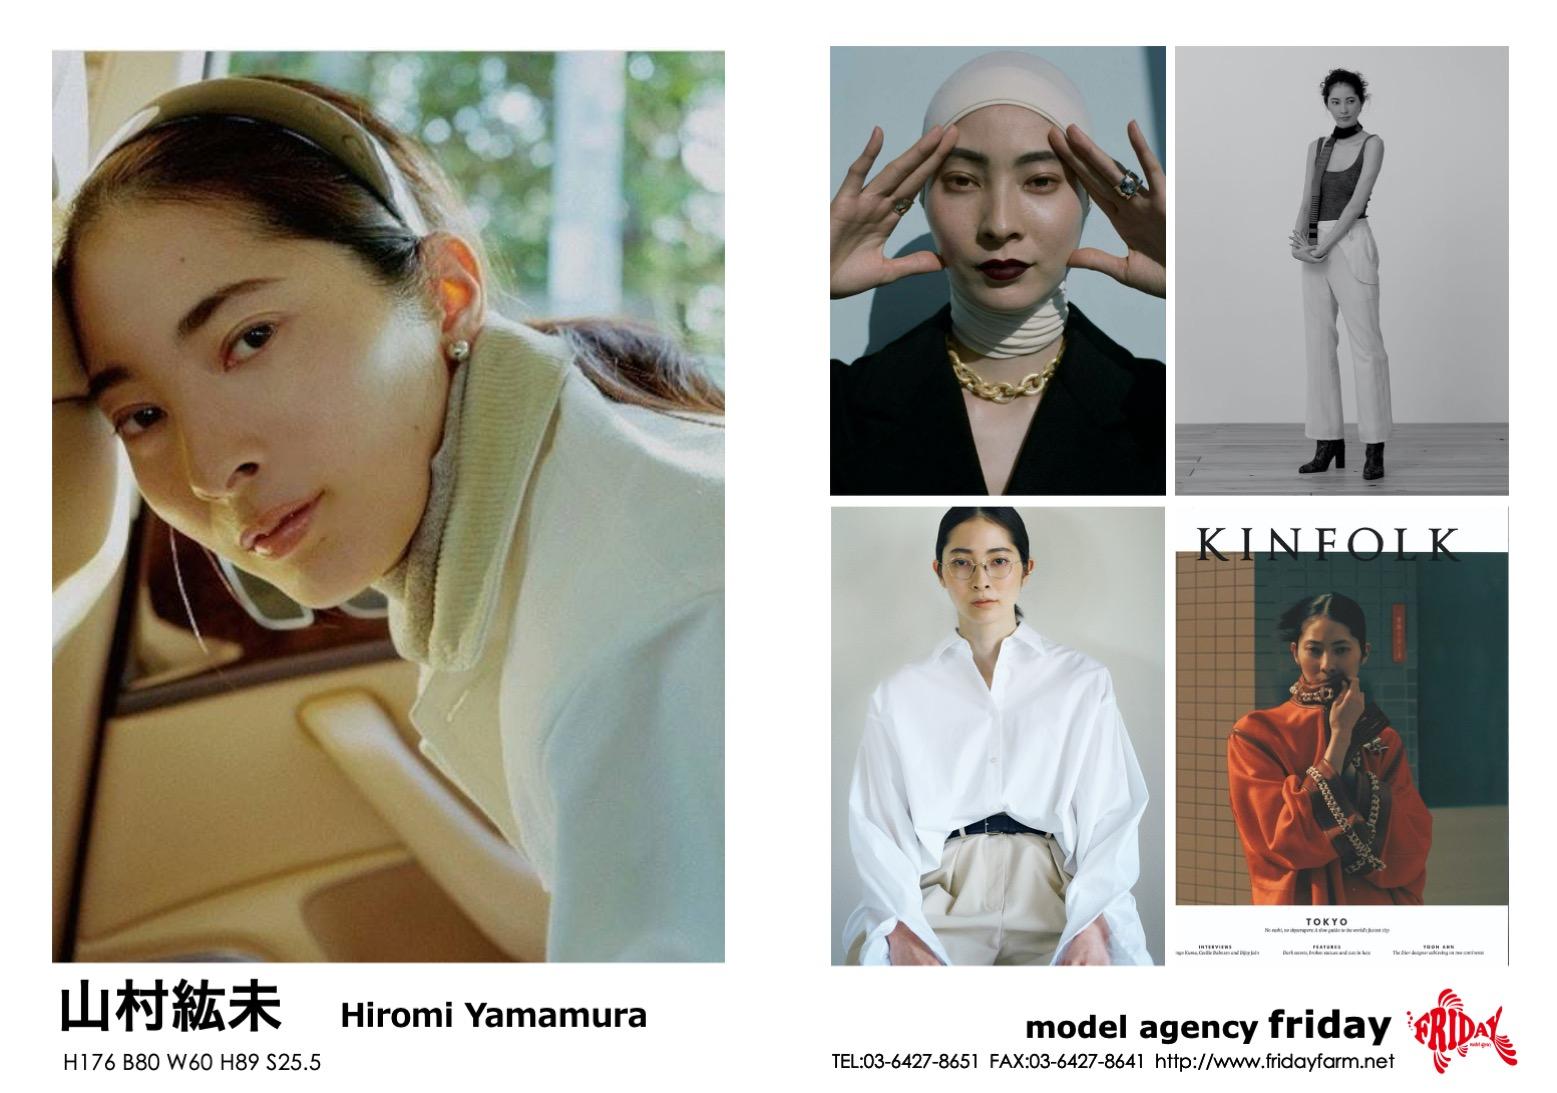 山村 紘未 - Hiromi Yamamura   model agency friday